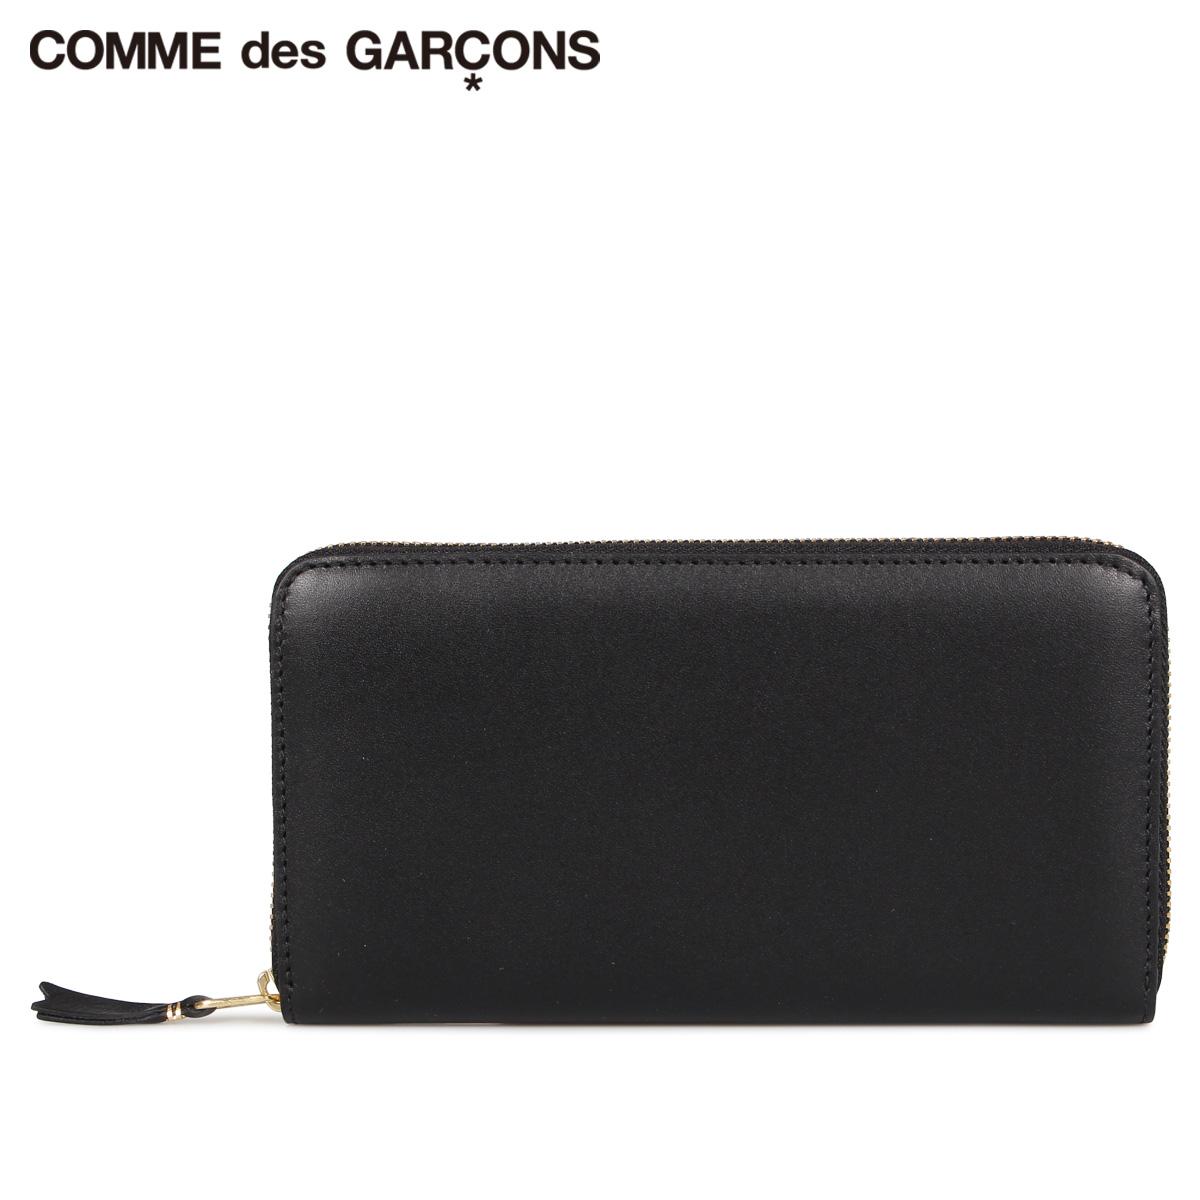 COMME des GARCONS CLASSIC WALLET コムデギャルソン 財布 長財布 メンズ レディース ラウンドファスナー 本革 ブラック 黒 SA0111 [10/10 新入荷]